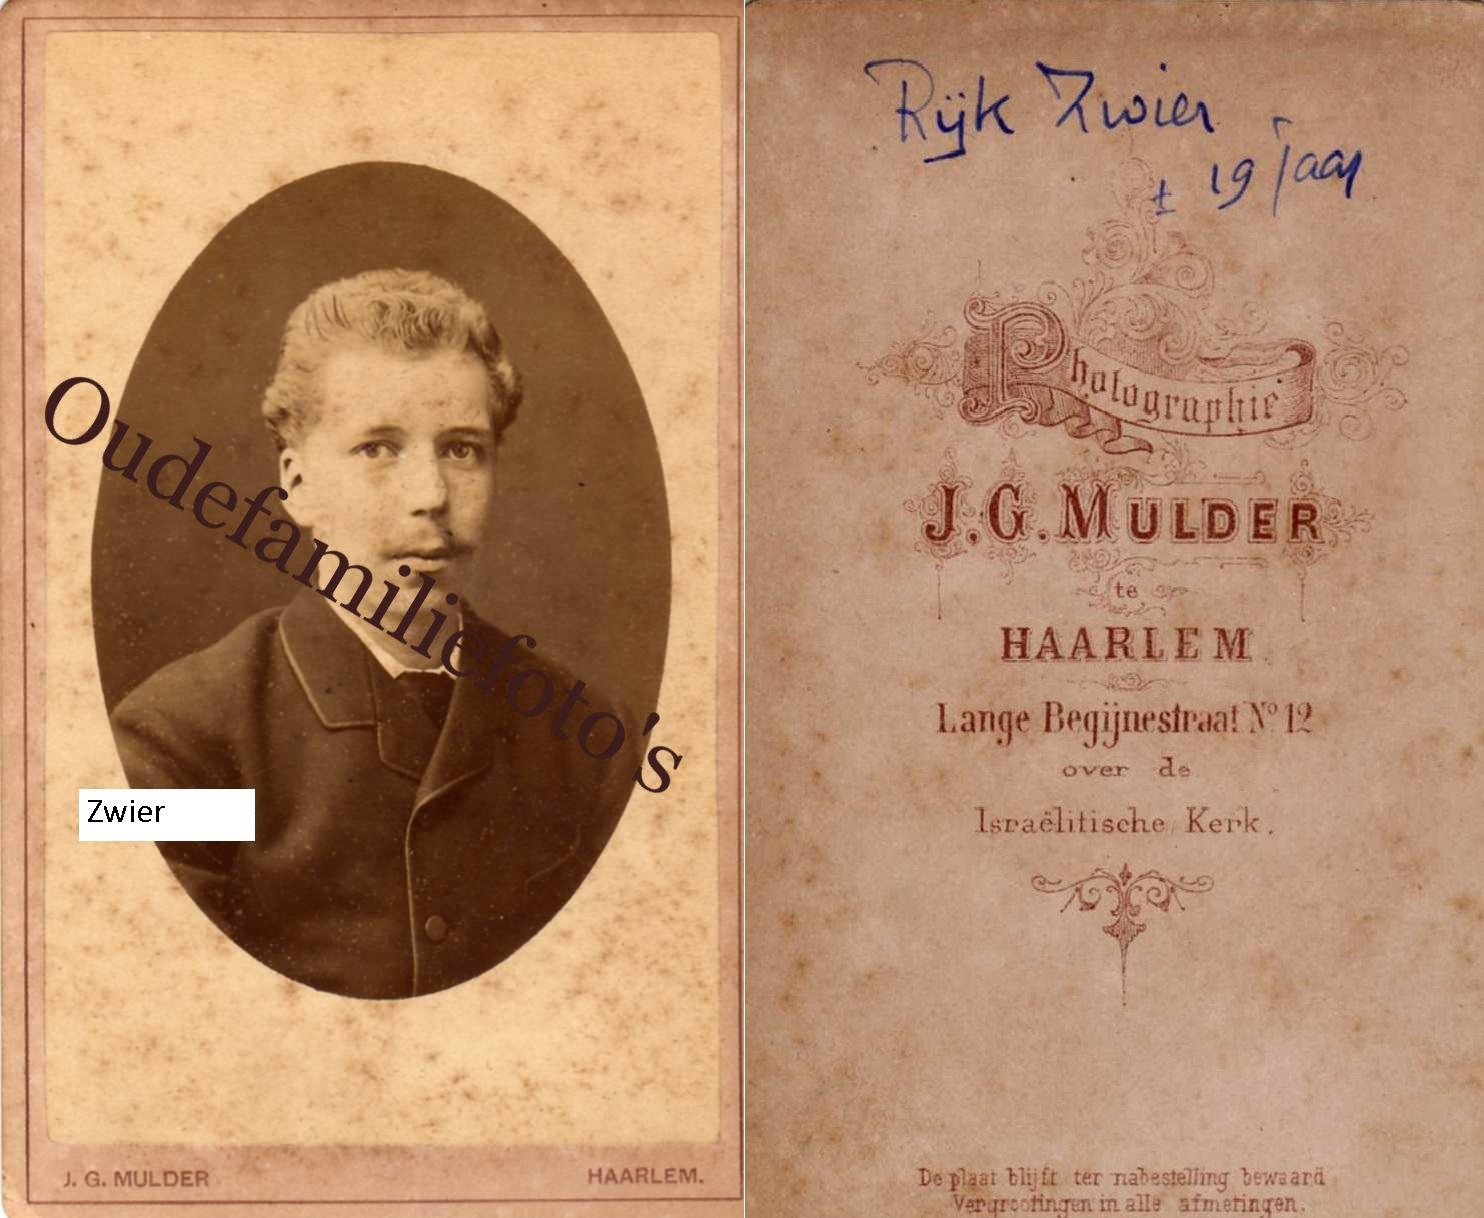 Zwier, Rijk. Geb. 13-2-1863 Amersfoort Ovl. 14-2-1927 Wiesbaden. Inspecteur IJkwezen Ned. Indié. € 3,00